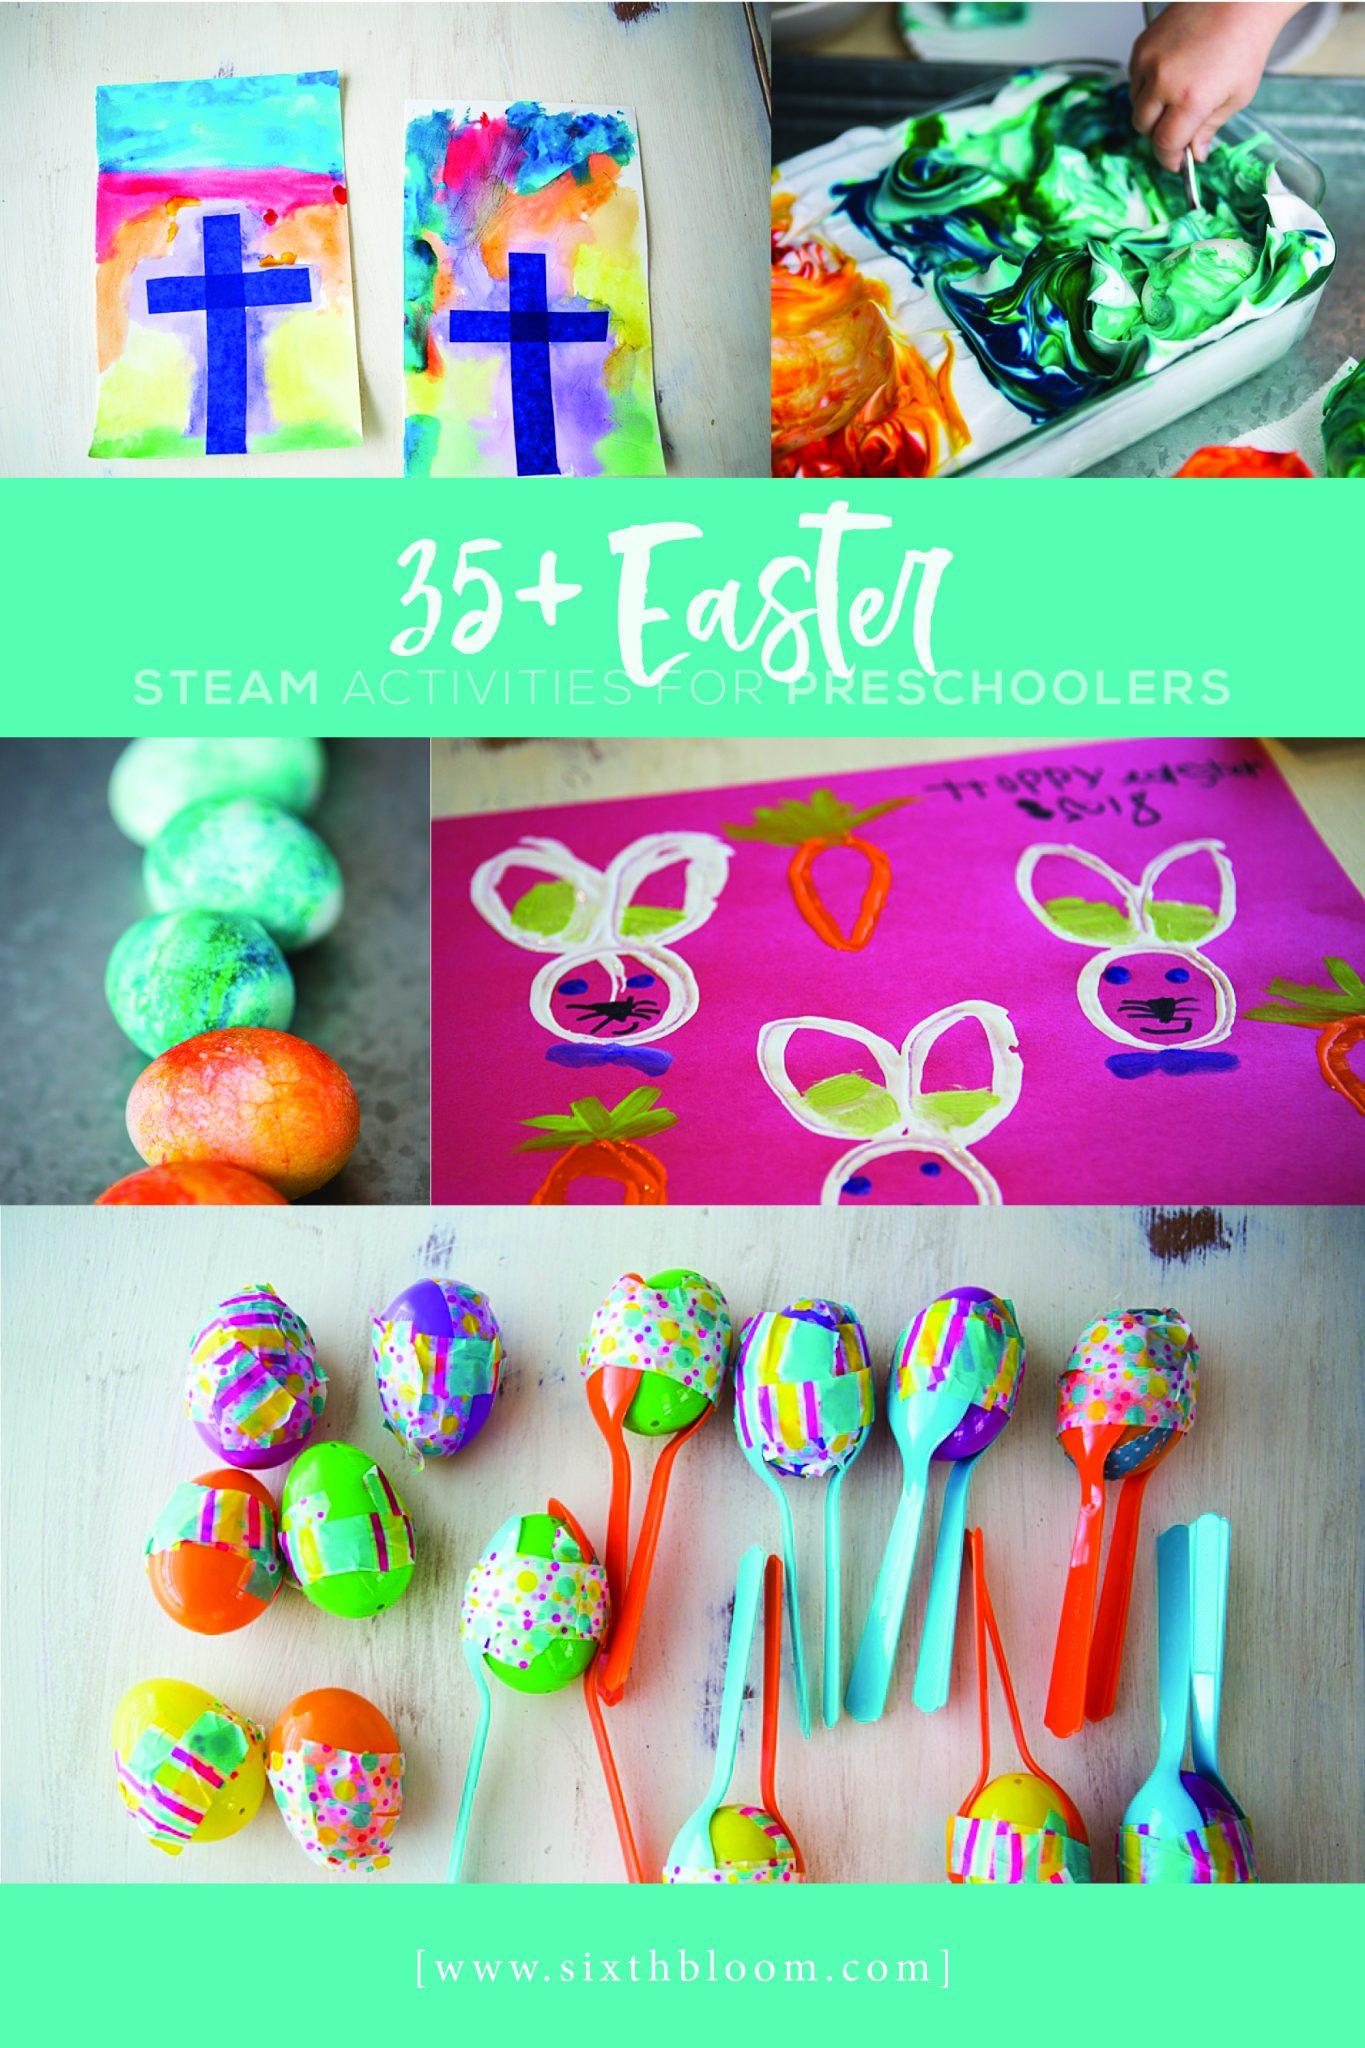 35 Easter Steam Activities For Preschoolers